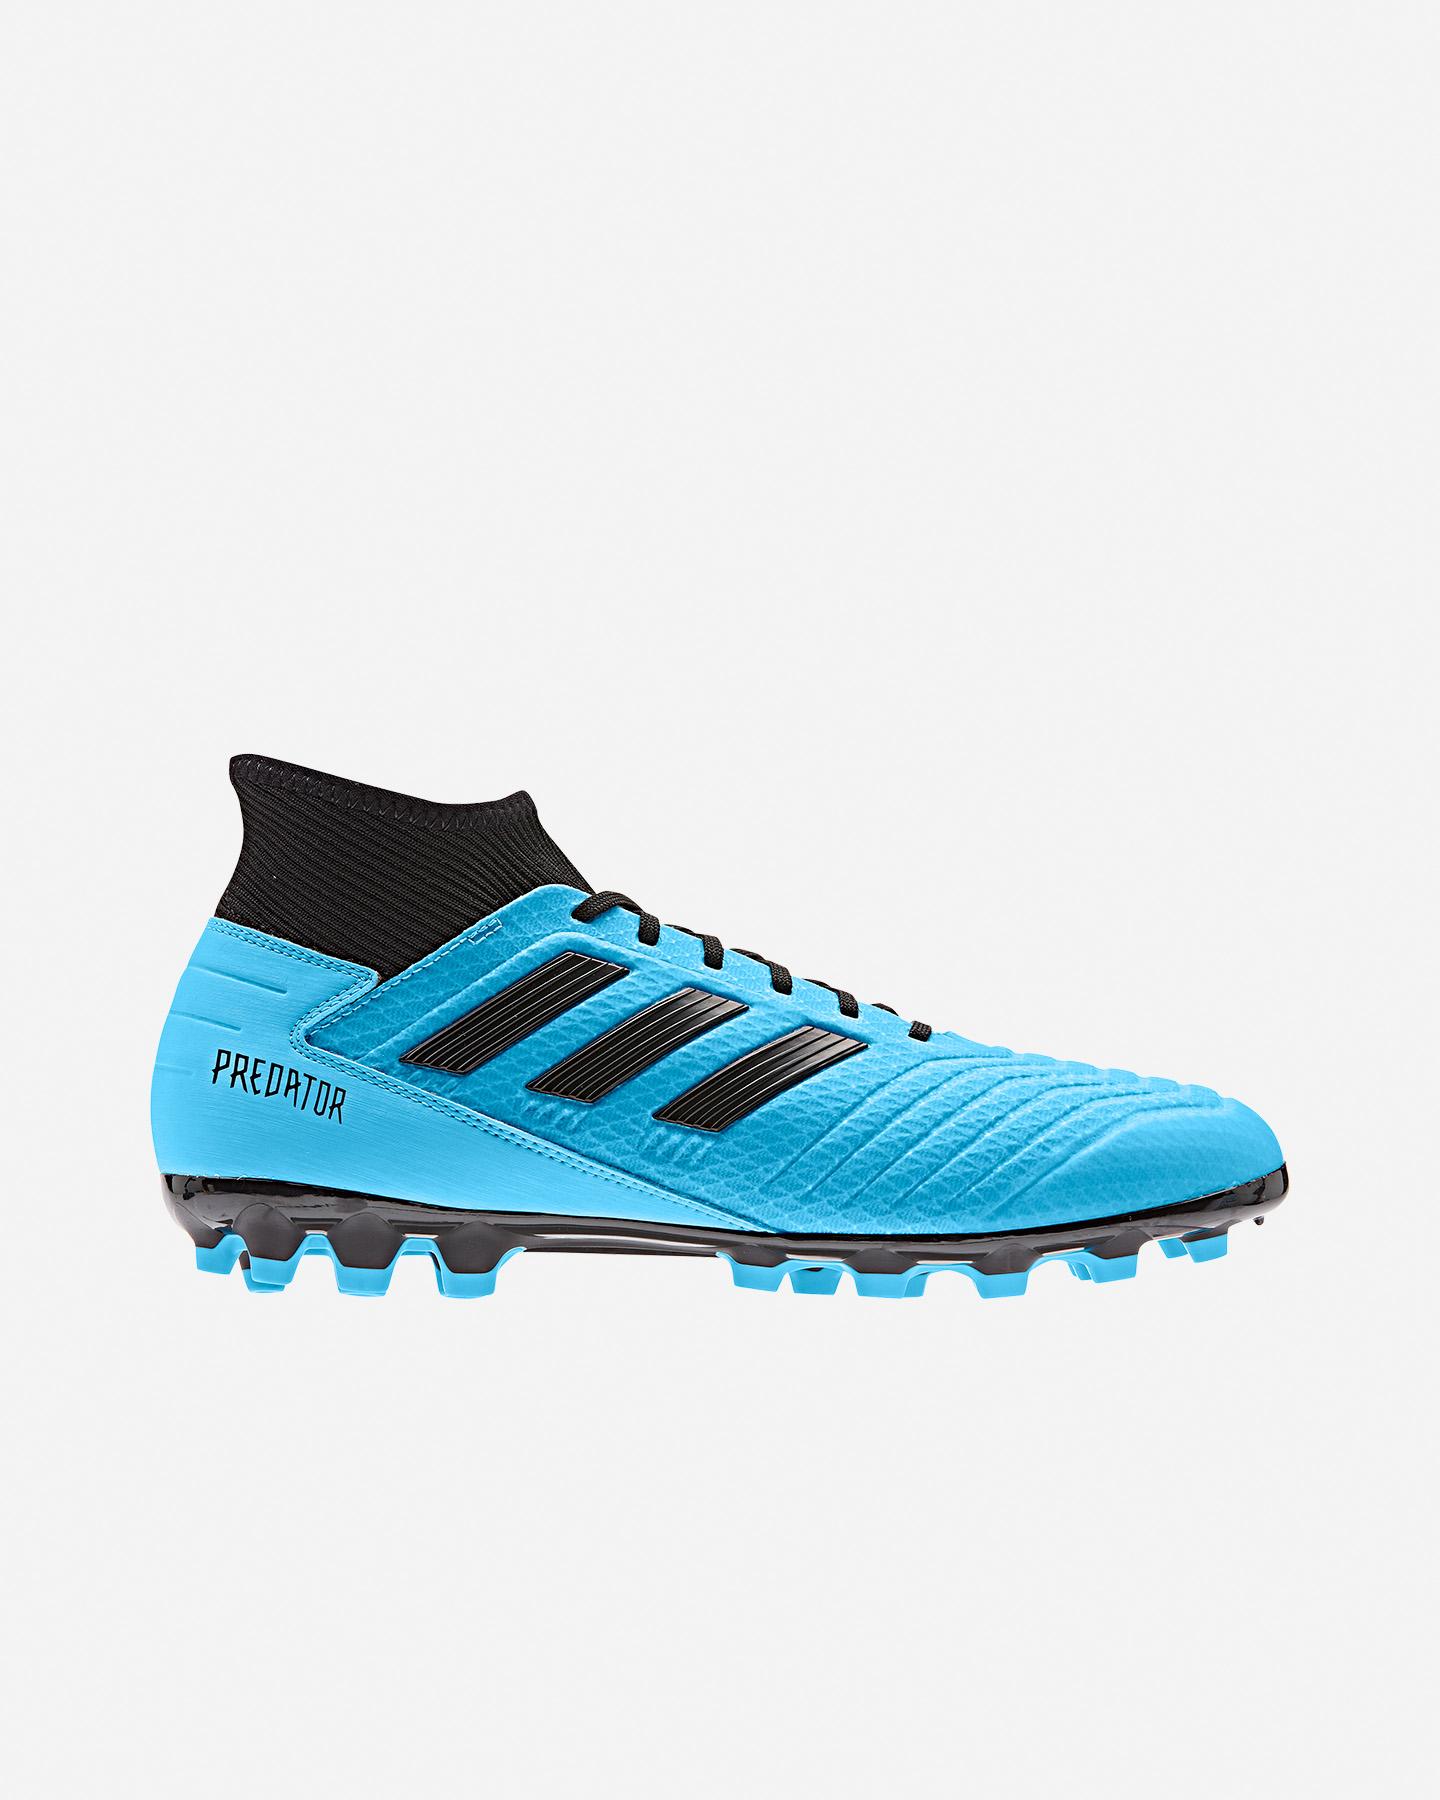 scarpe calcio adidas 42 64% di sconto sglabs.it